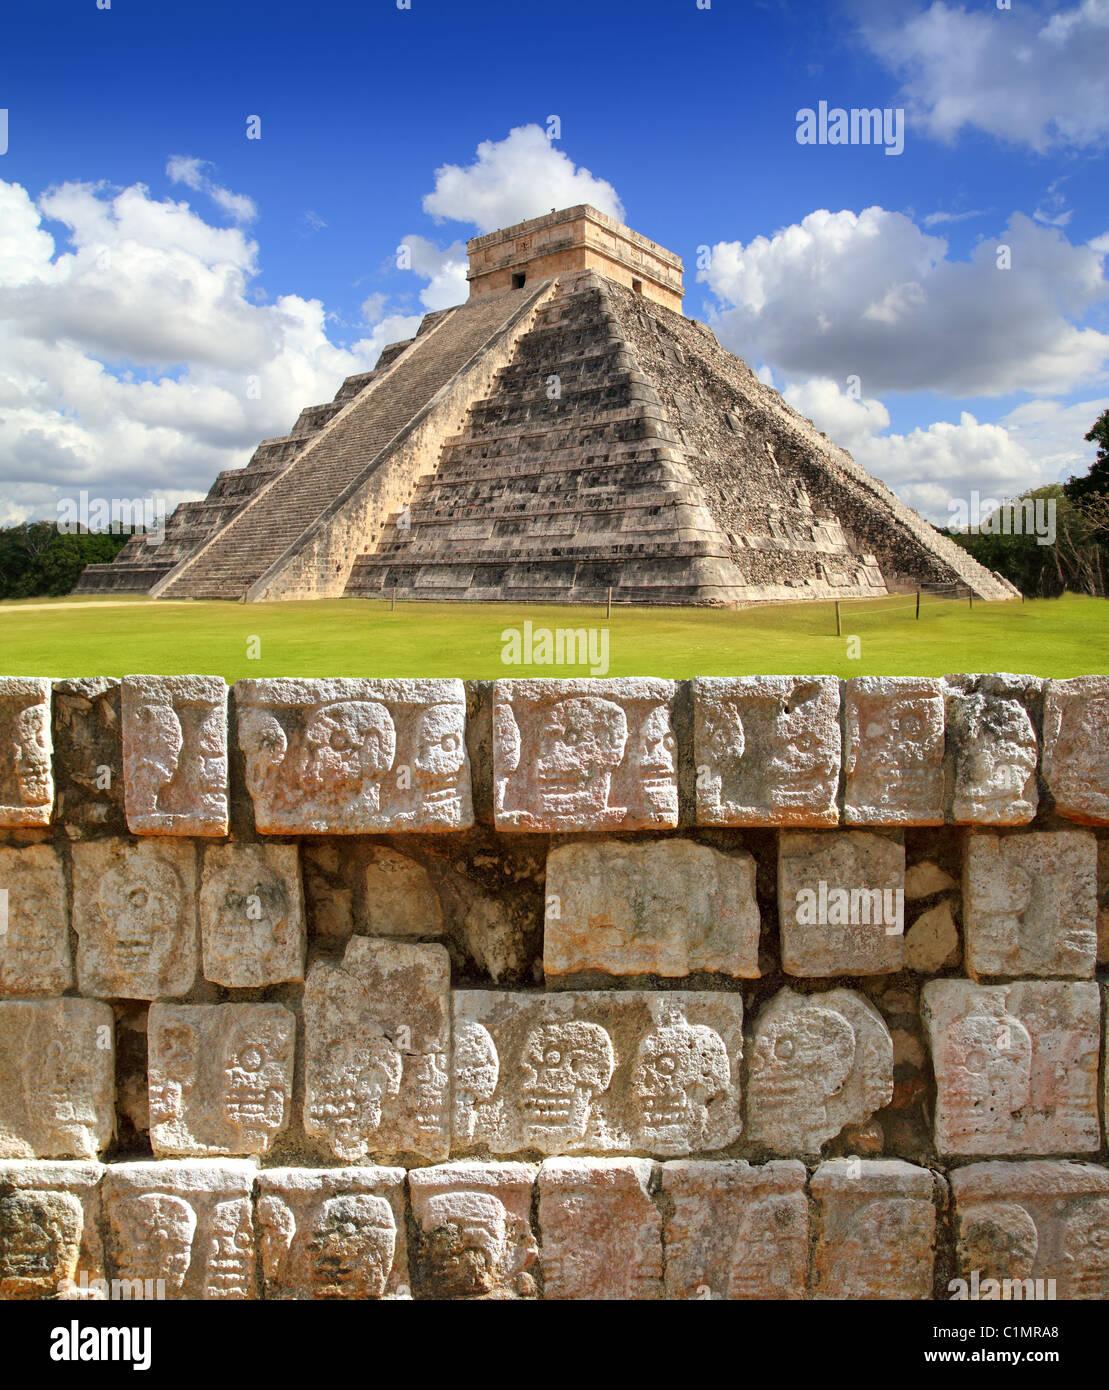 Chichen Itza Tzompantli el muro de cráneos y pirámide Kukulkan Imagen De Stock